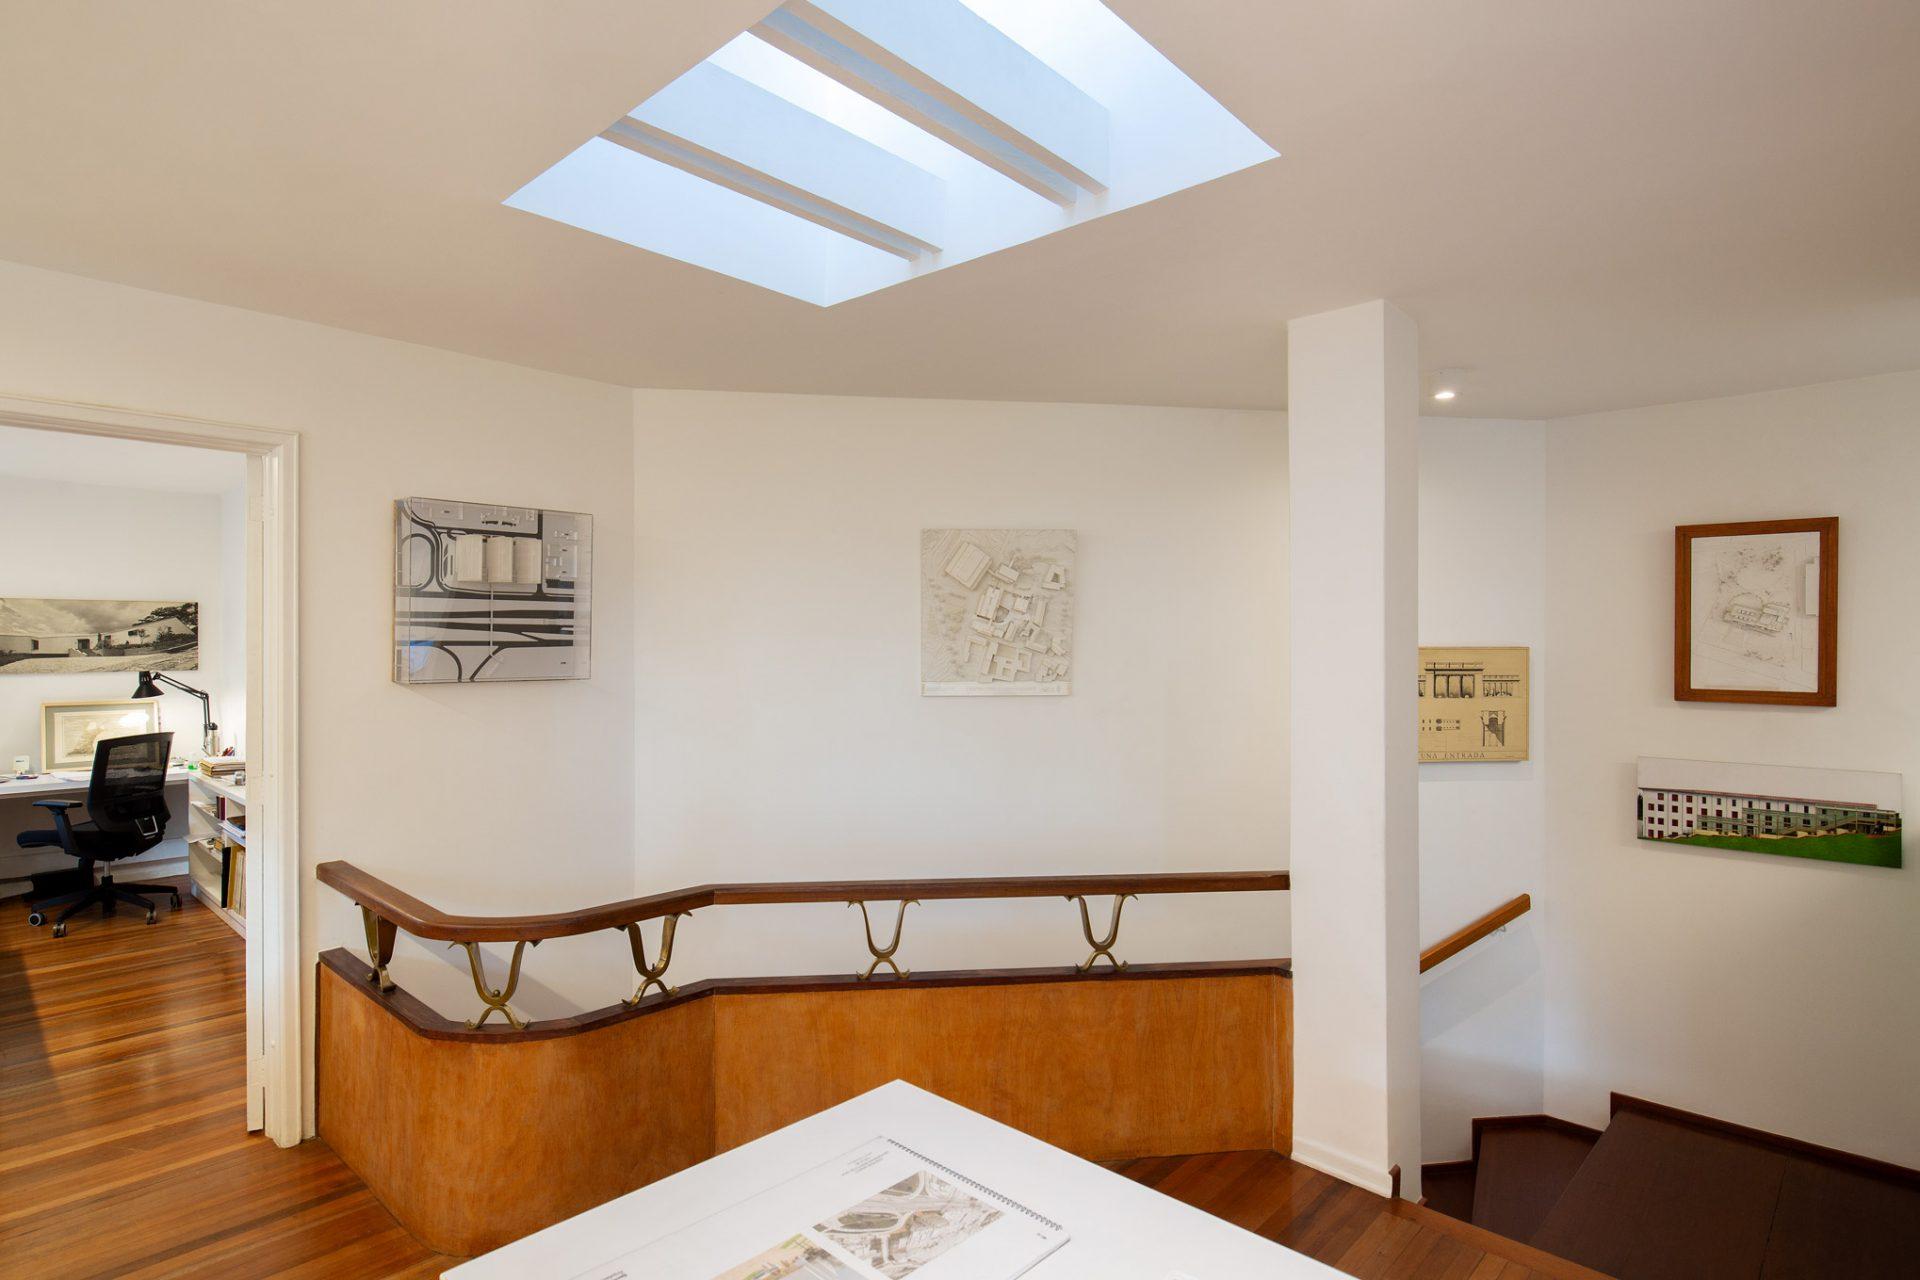 05.bermudez.arquitectos.bogota.simon.bosch.photography.architecture.interior